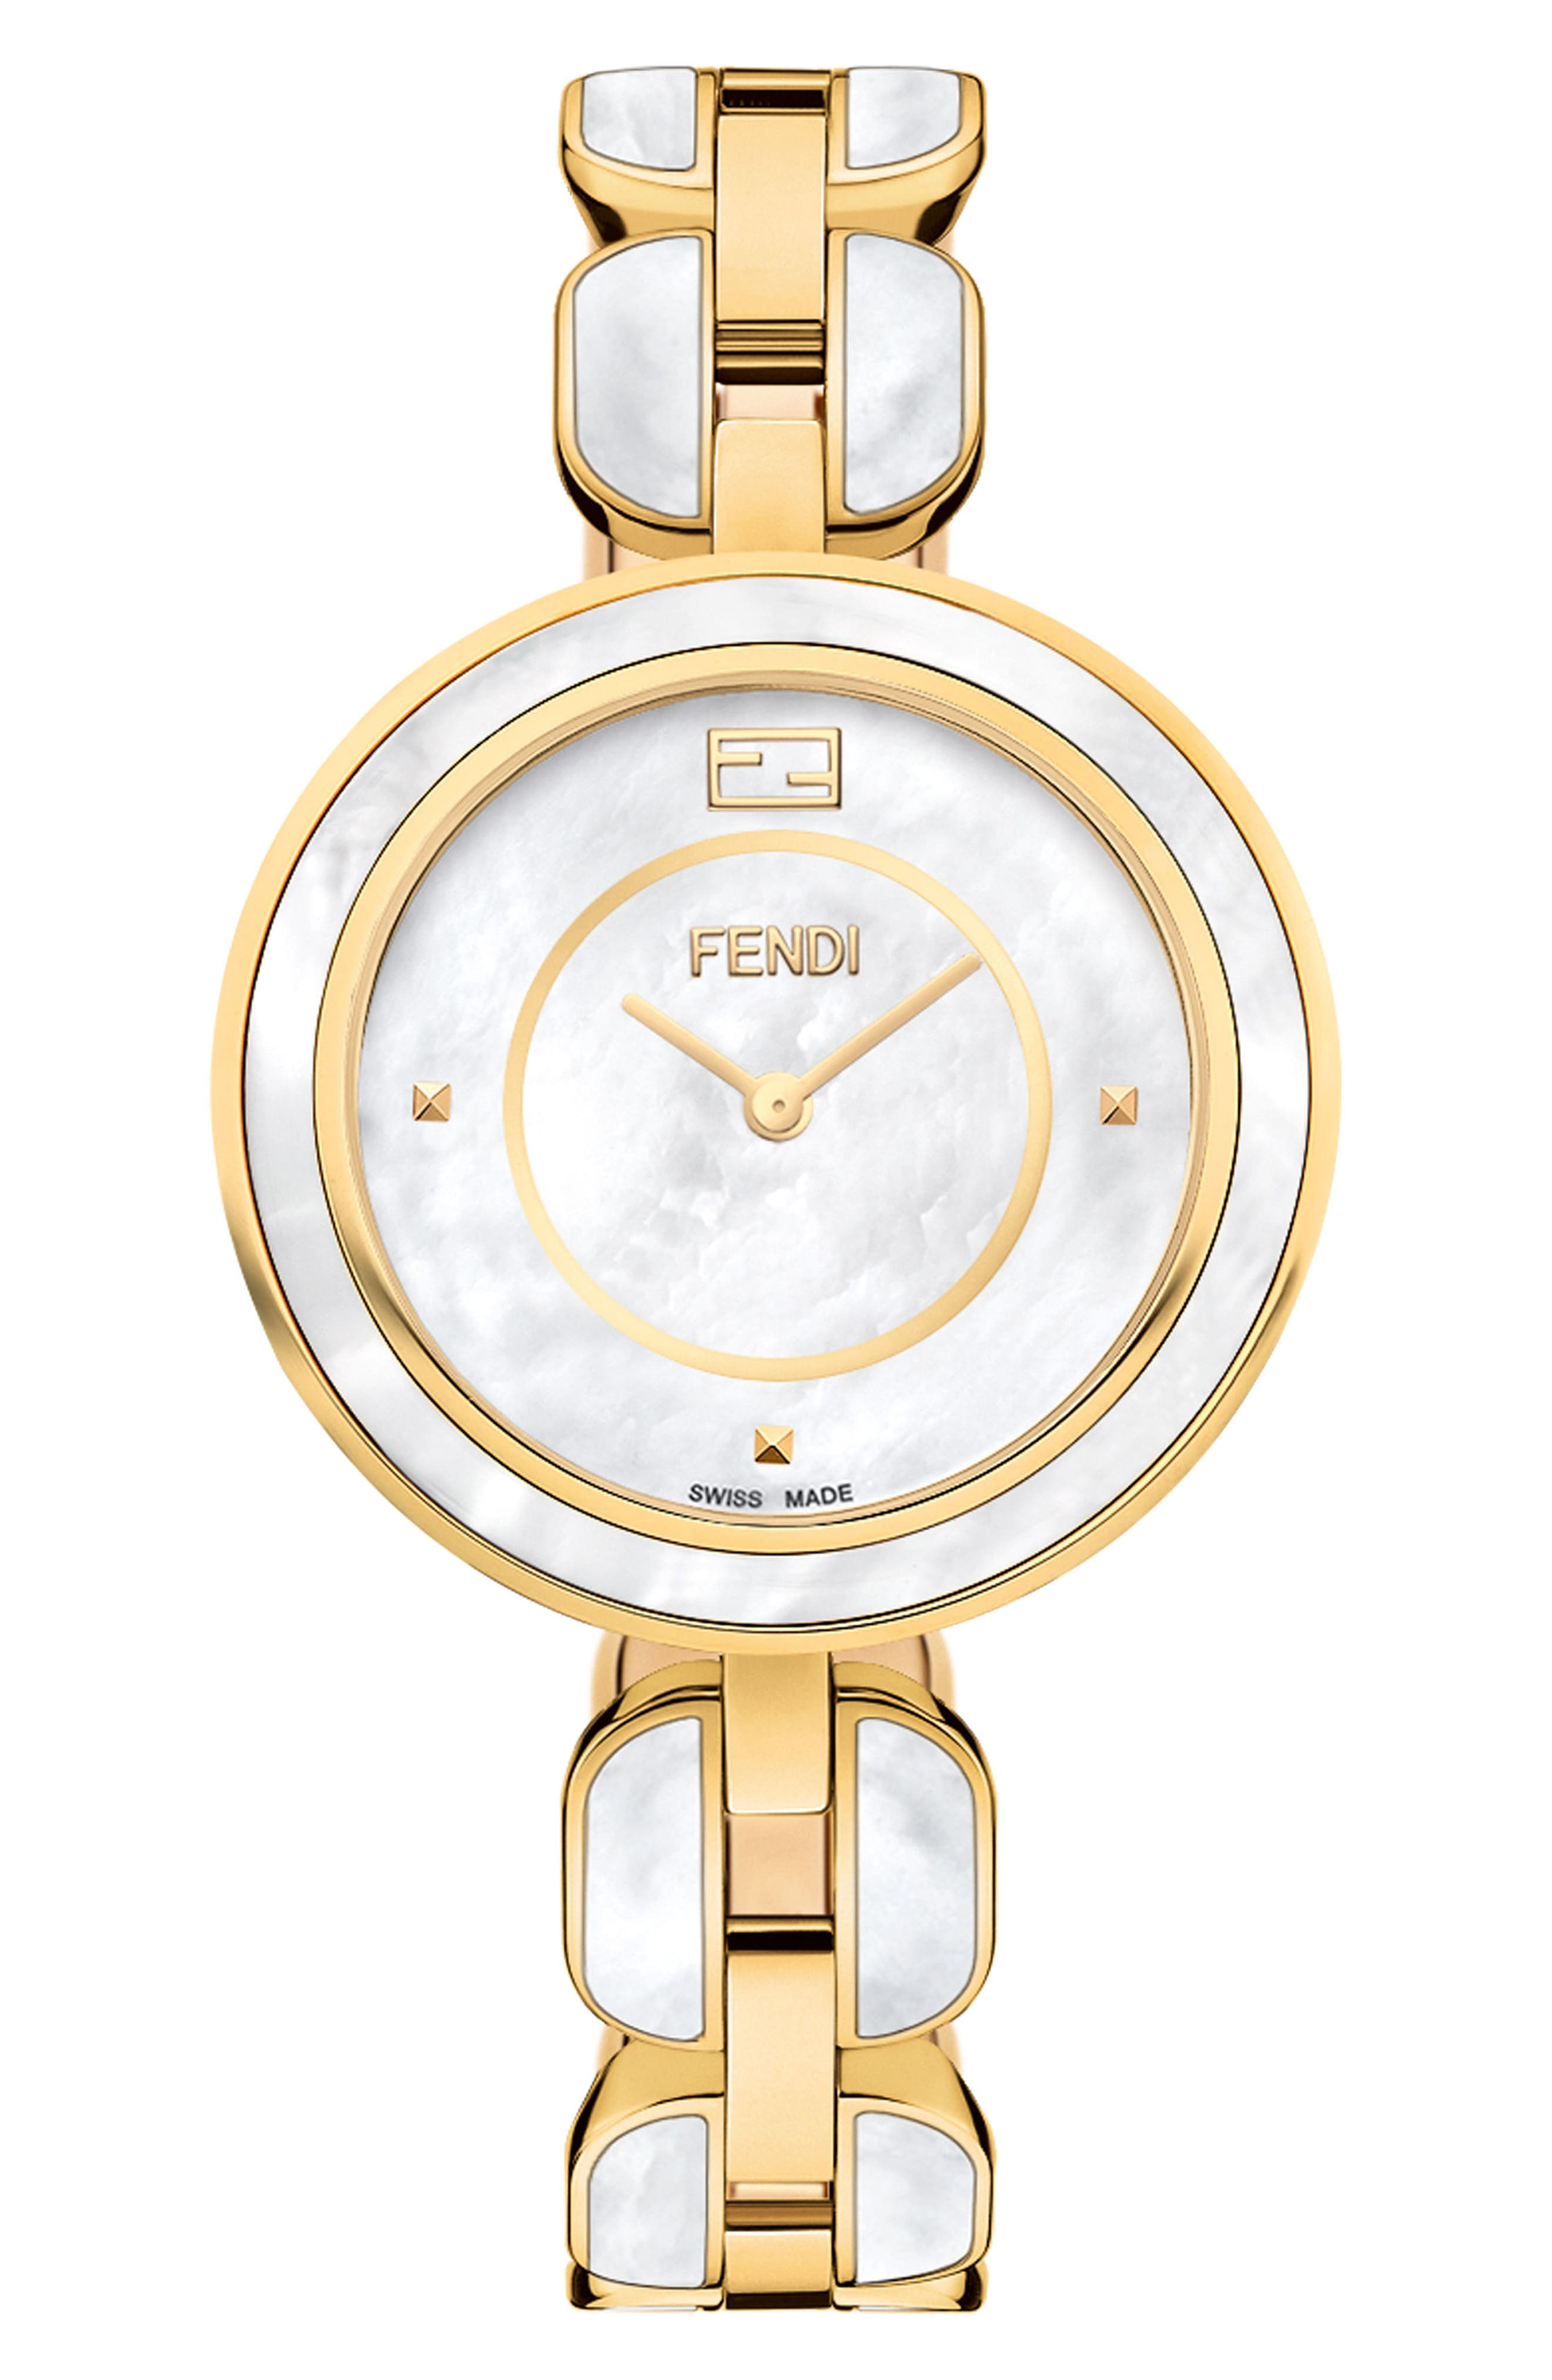 Image of FENDI Women's My Way Bracelet Watch, 36mm